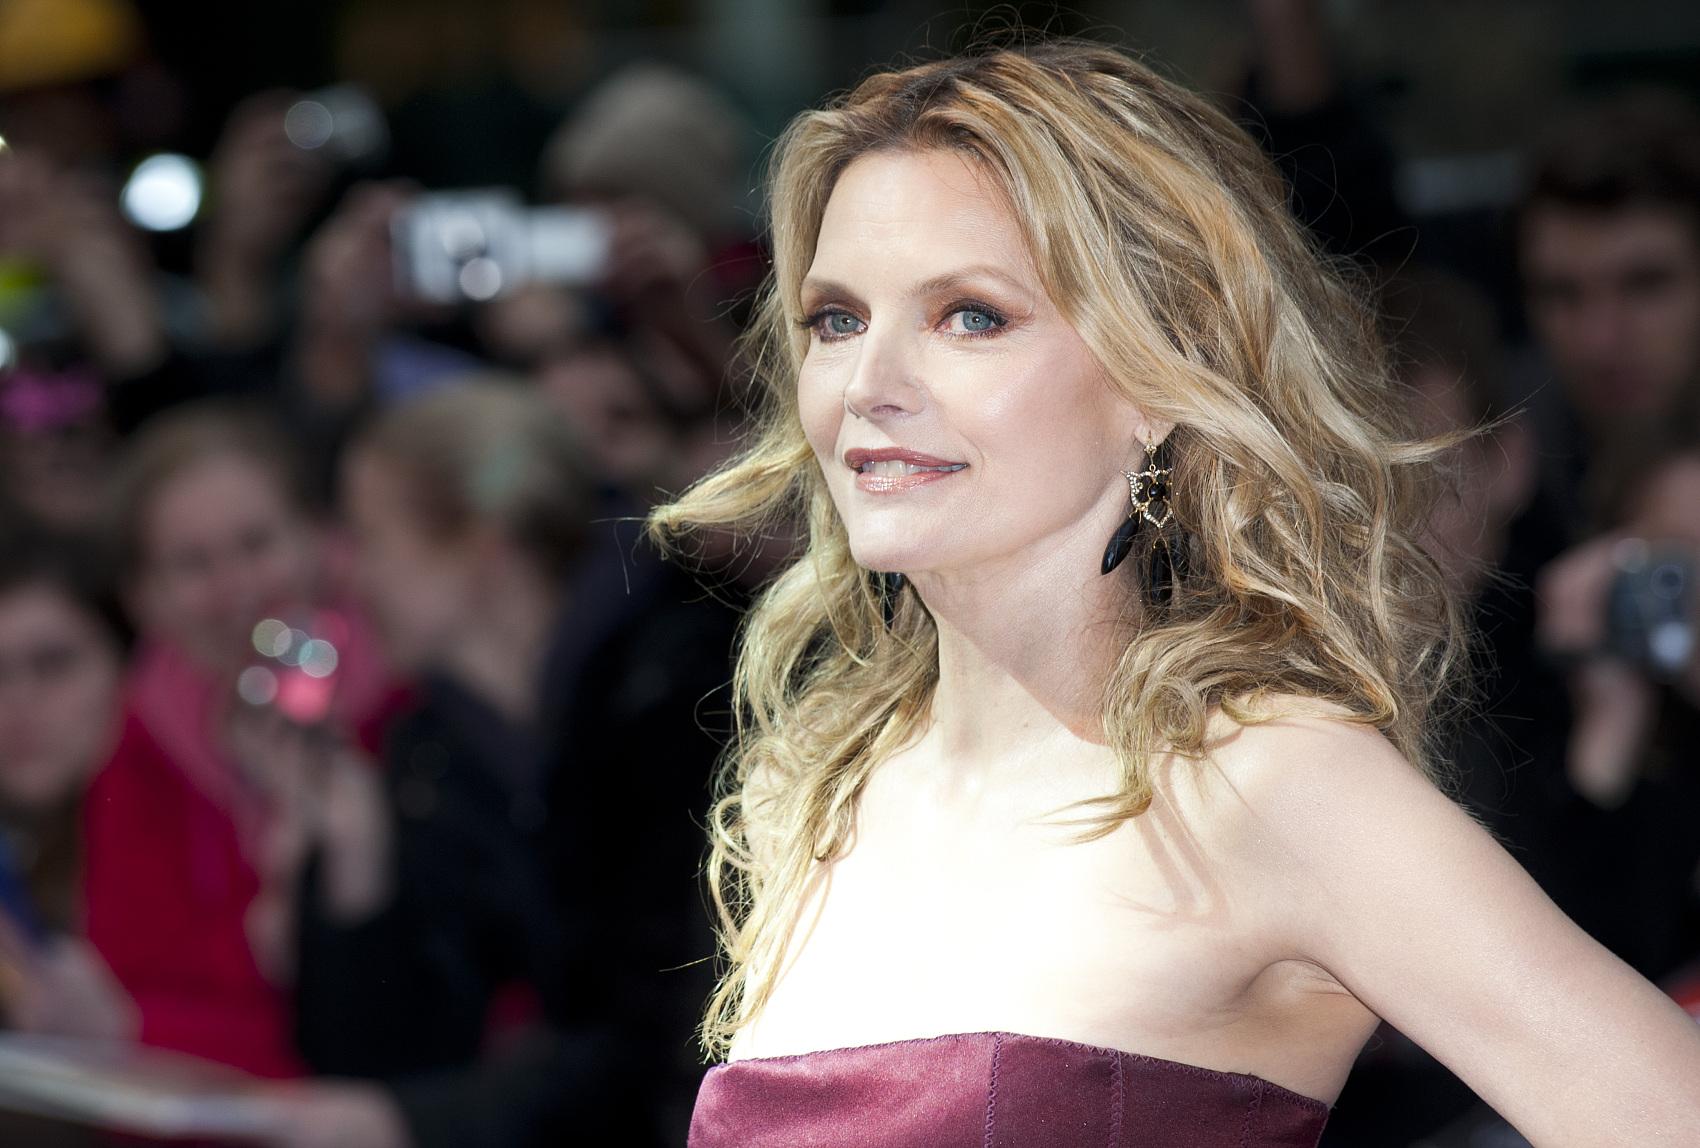 好莱坞女星Michelle Pfeiffer推出首个获得环保组织EWG认证的香水系列Henry Rose